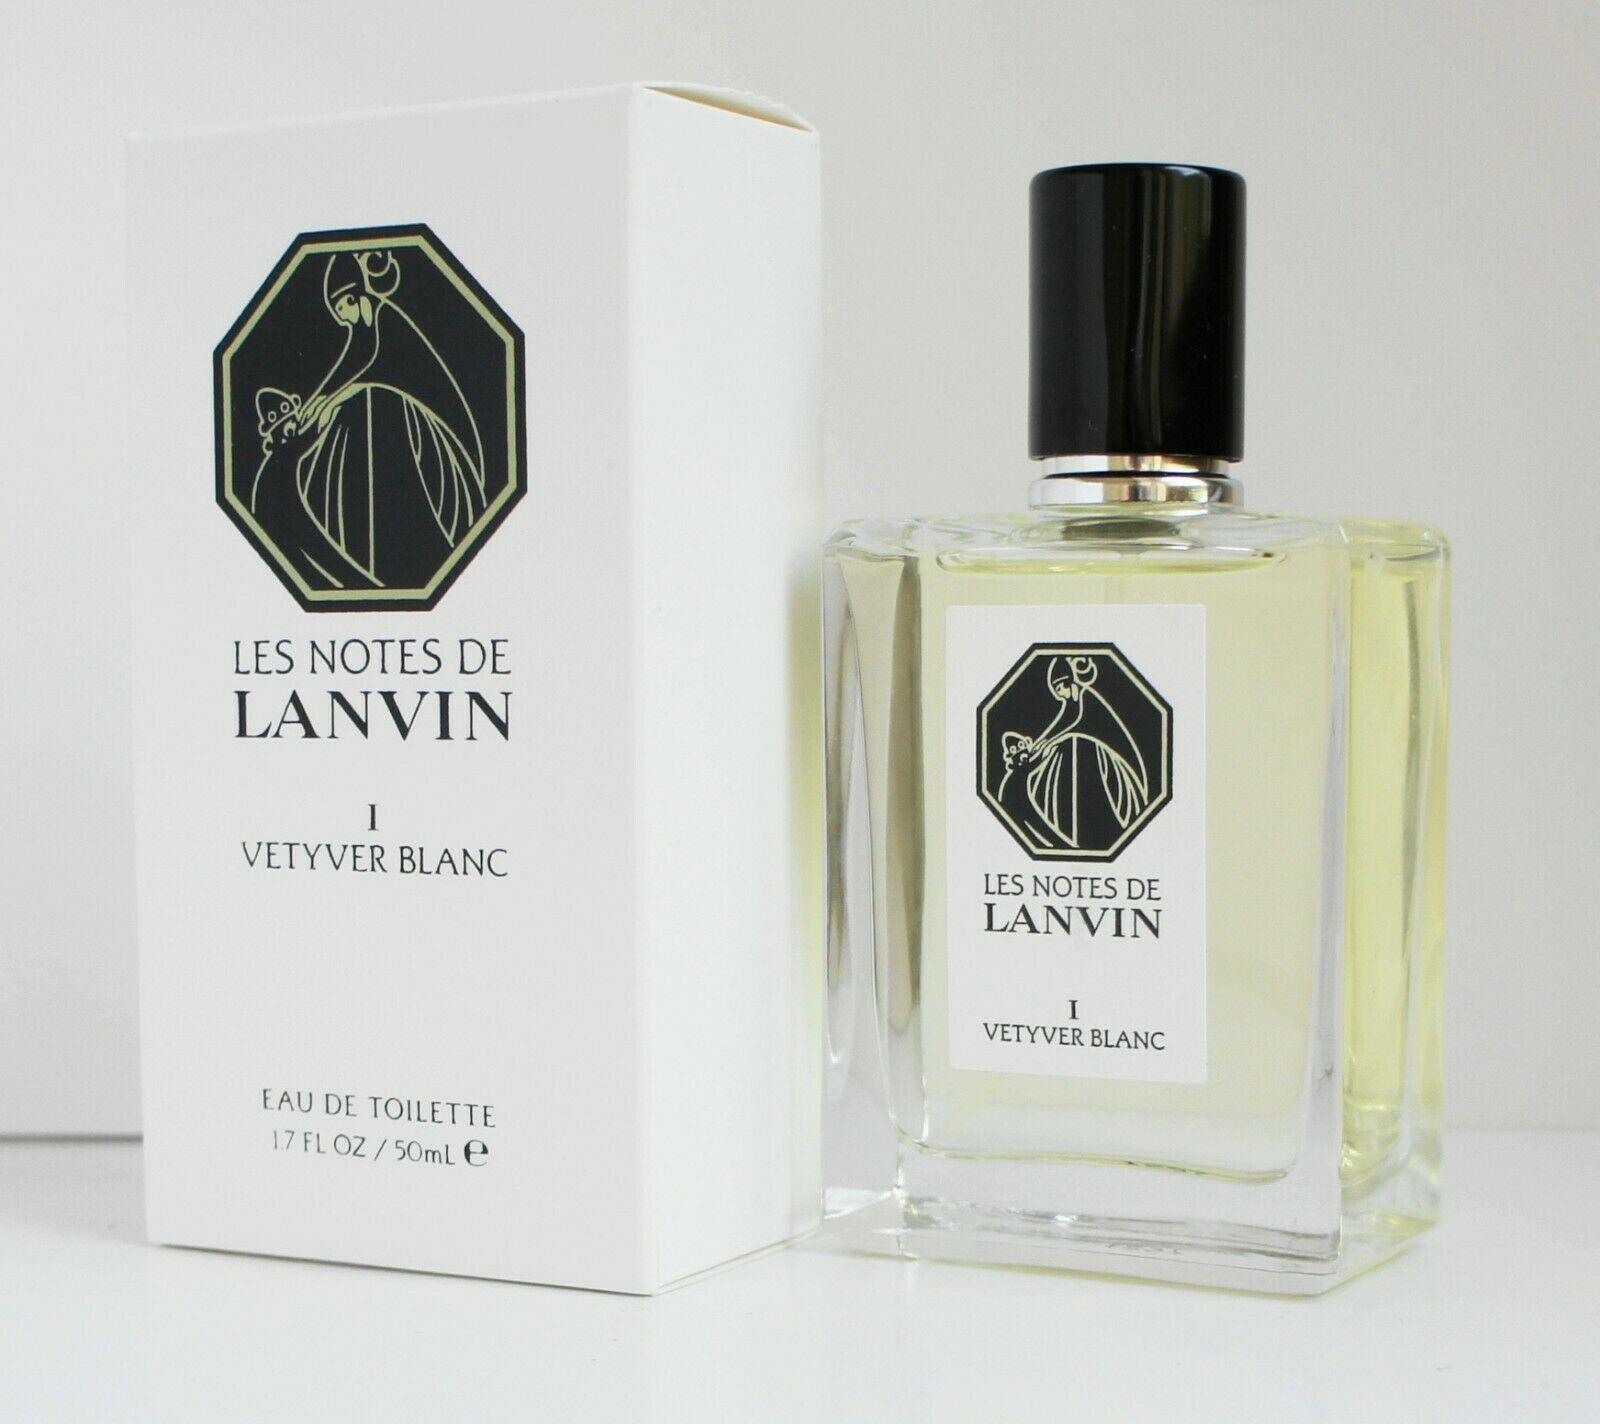 Lanvin Le Notes de Lanvin Aj Vetyver Blanc (U)